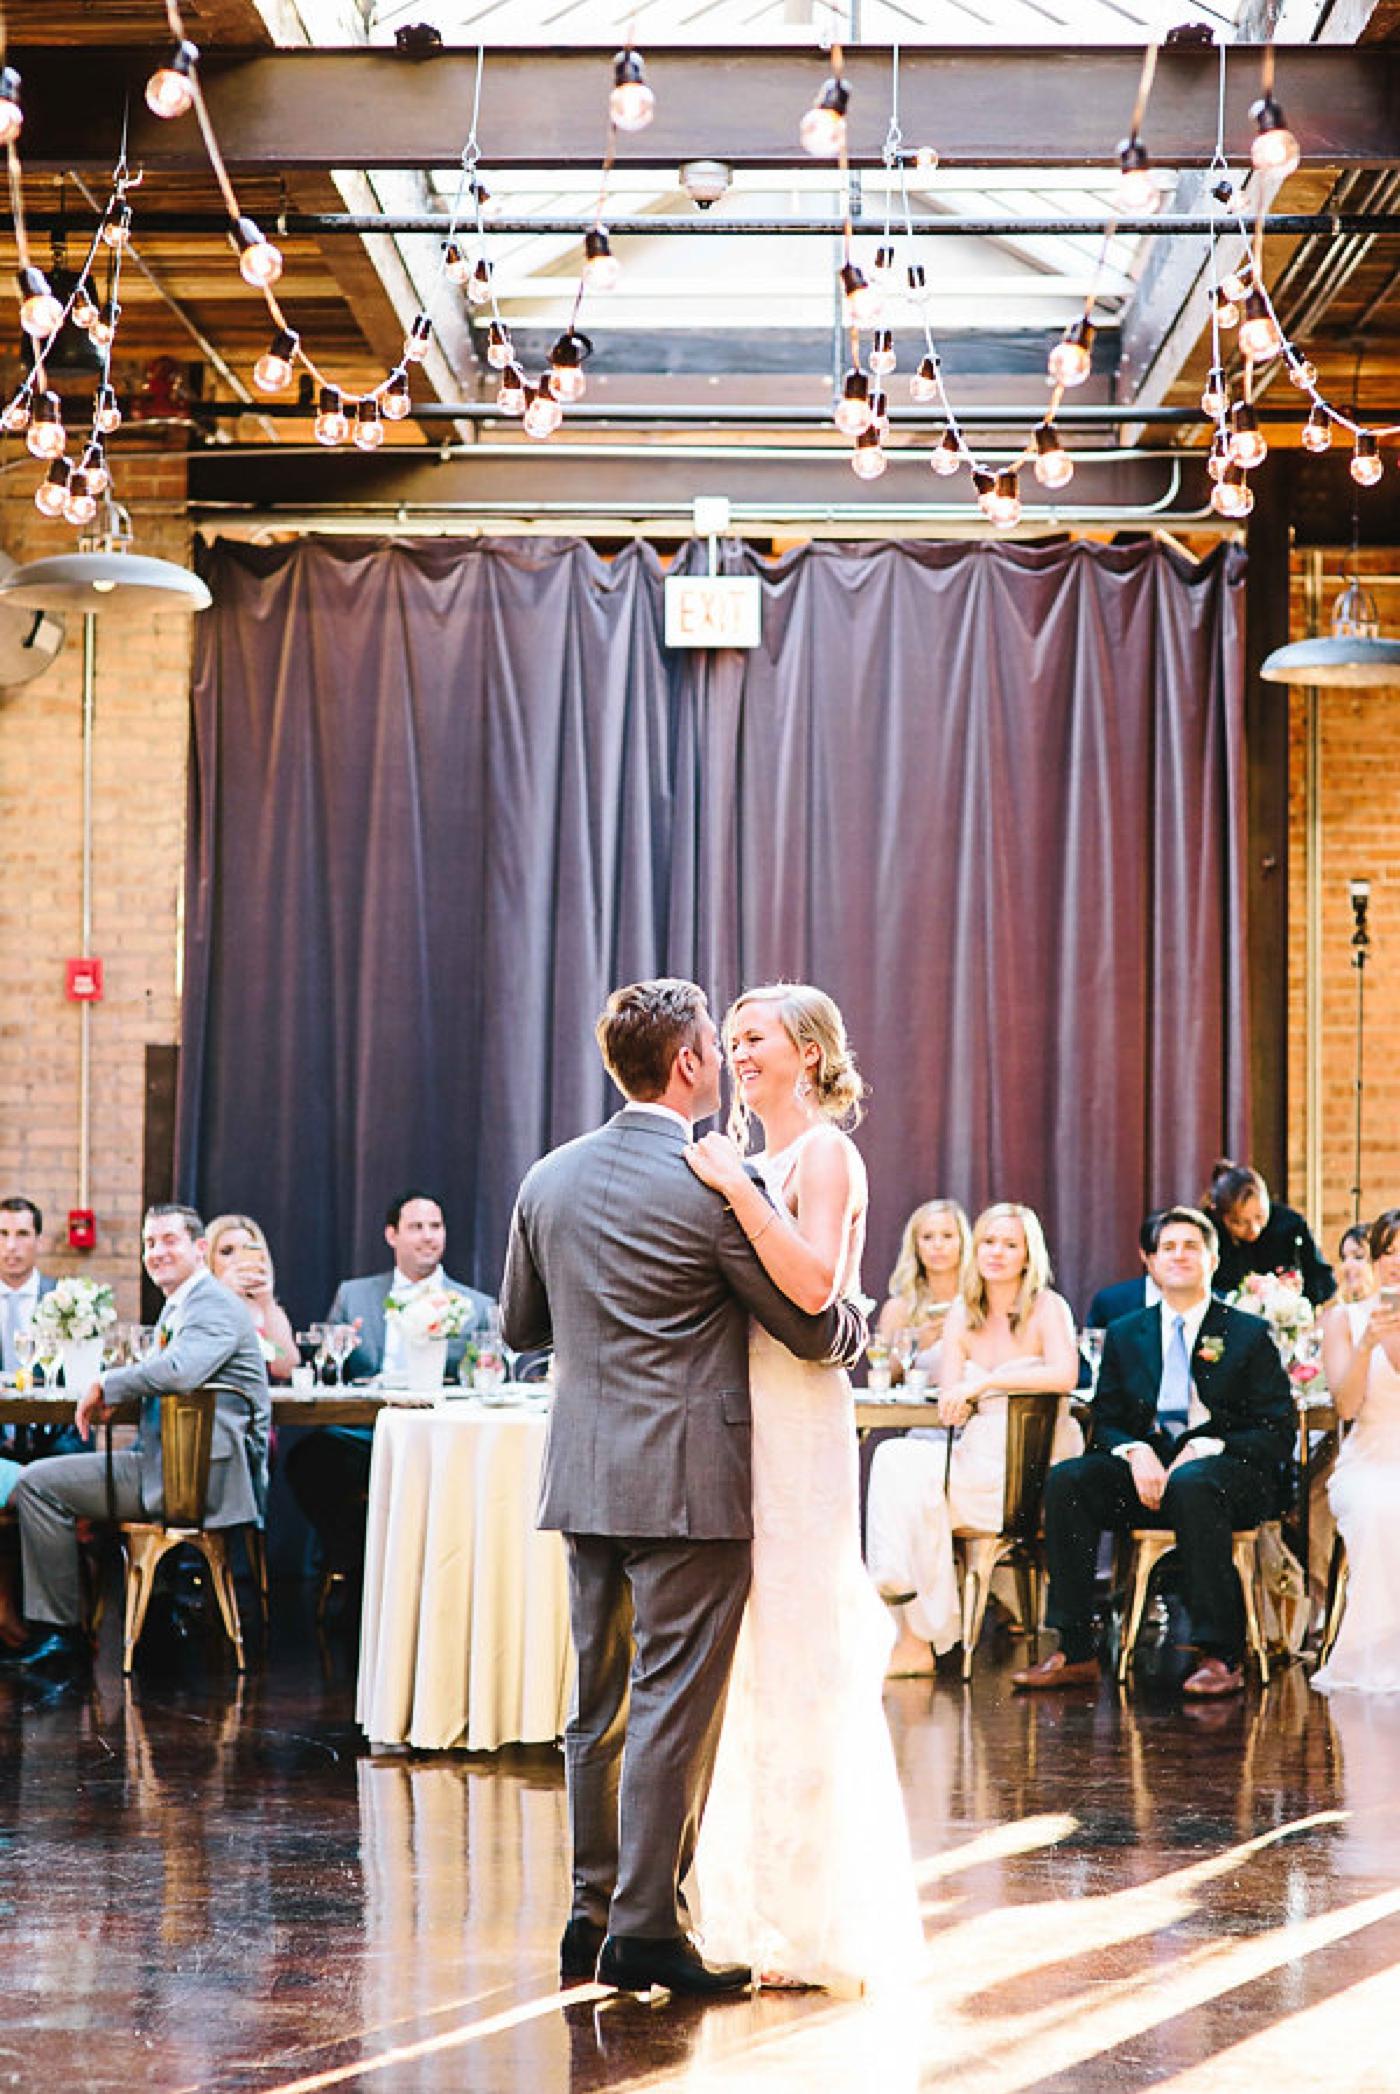 chicago-fine-art-wedding-photography-hrebic32